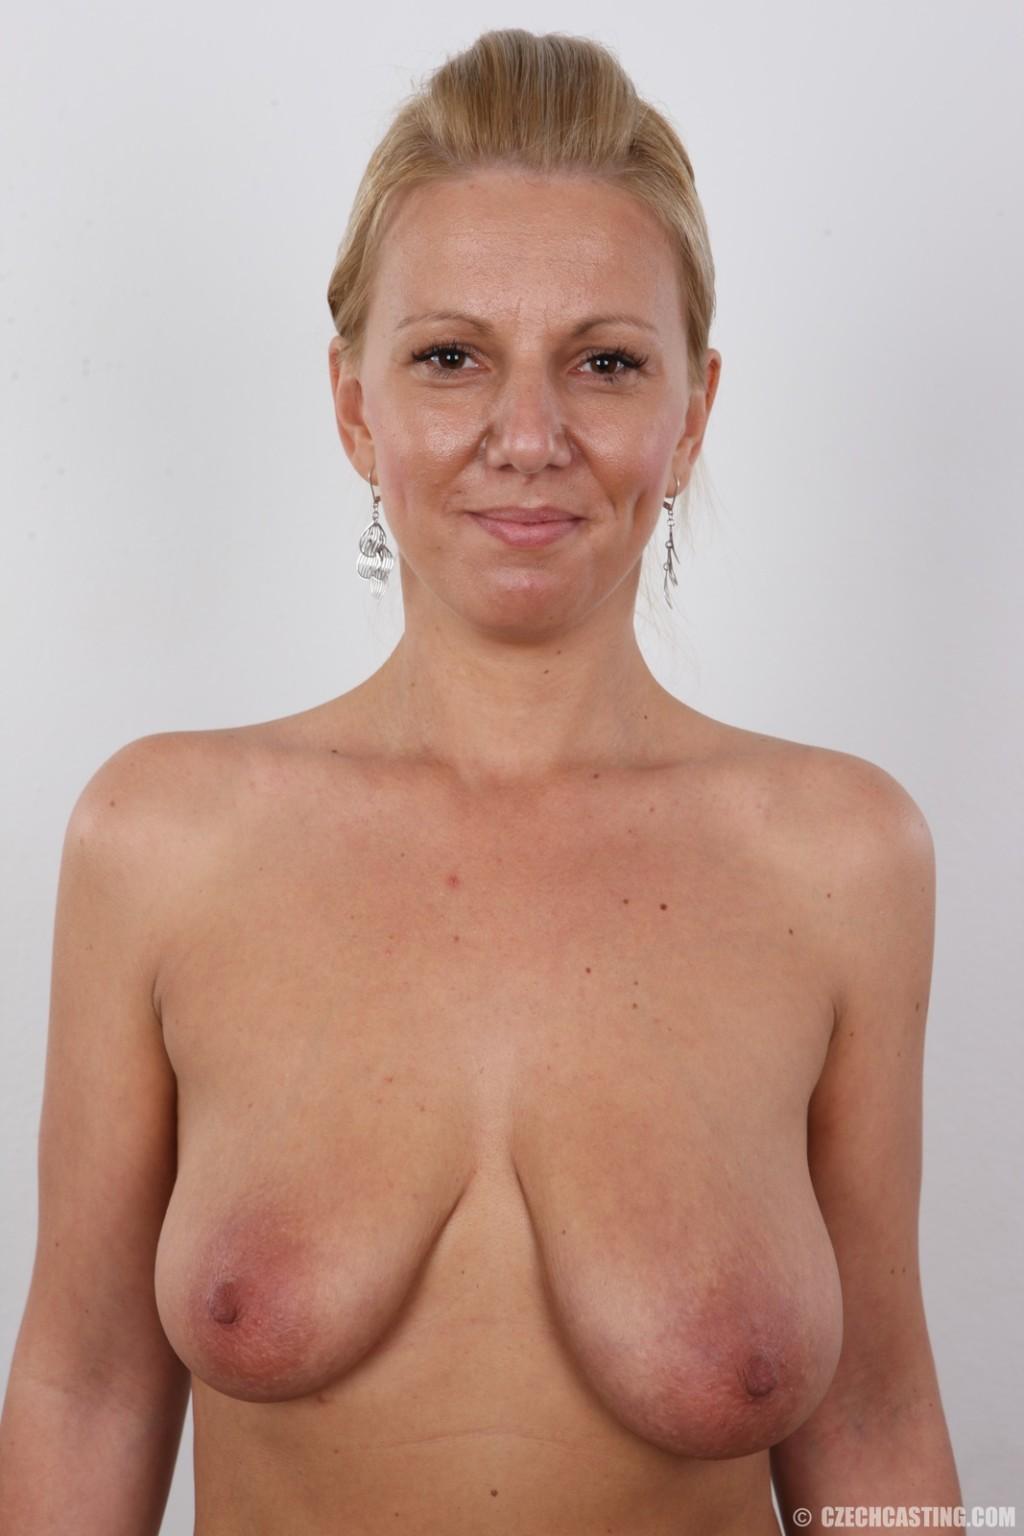 Blonde Big Tits College